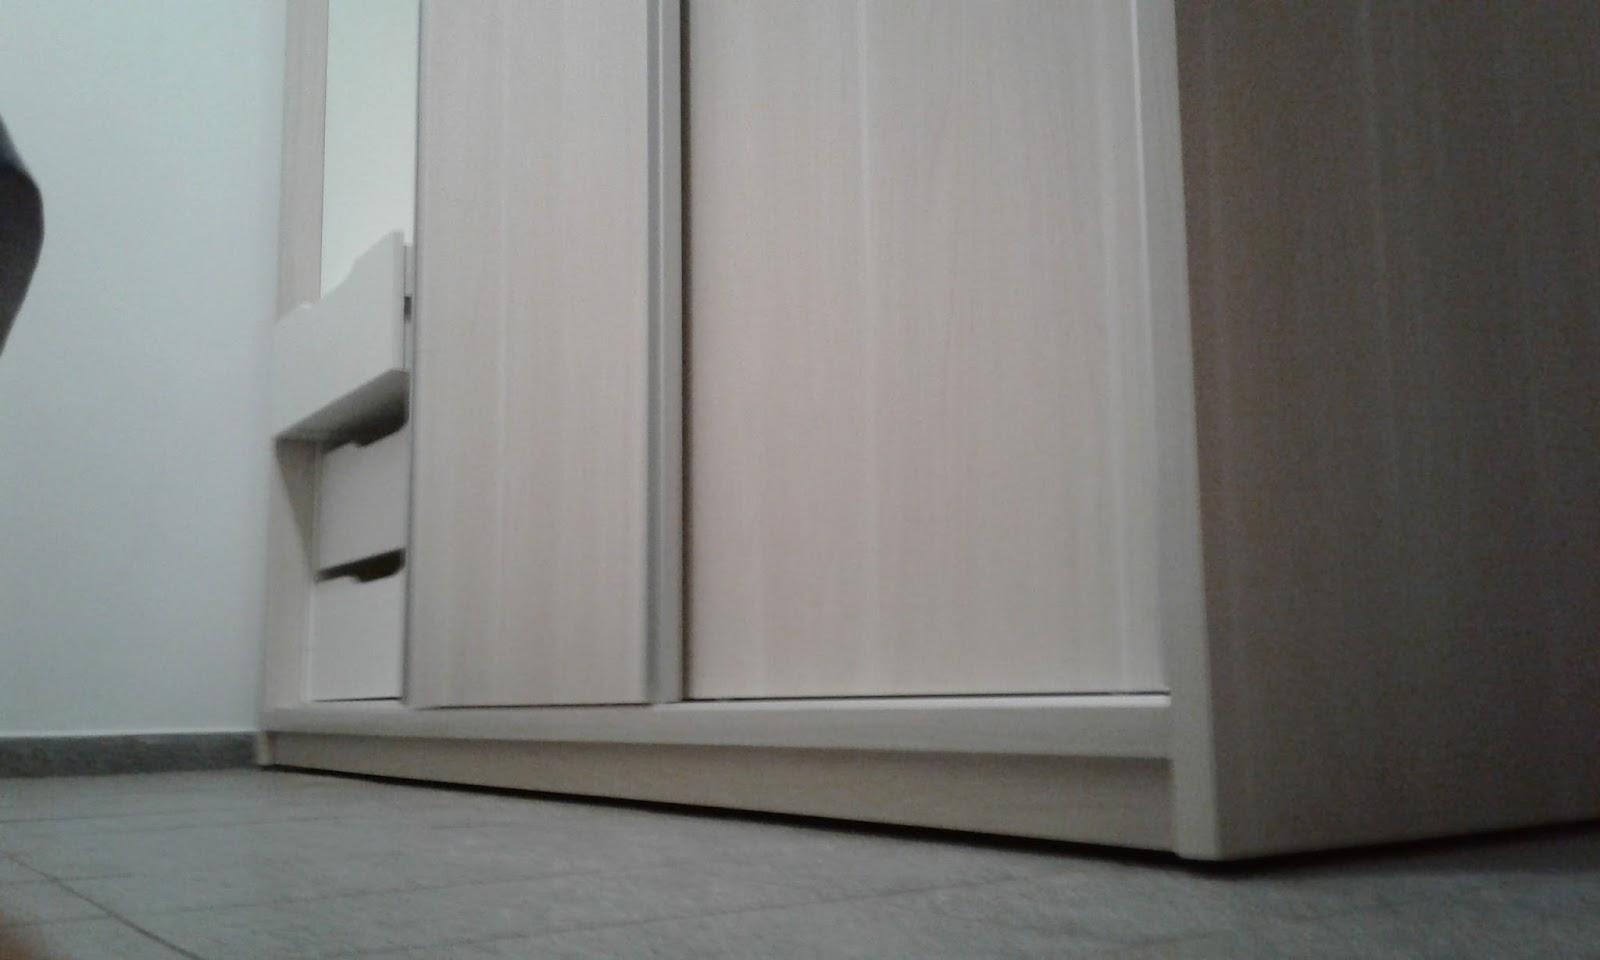 Marcenaria Movel Planejado: Armario com rodizio para movimentação  #57504A 1600x960 Armario Banheiro Rodizio